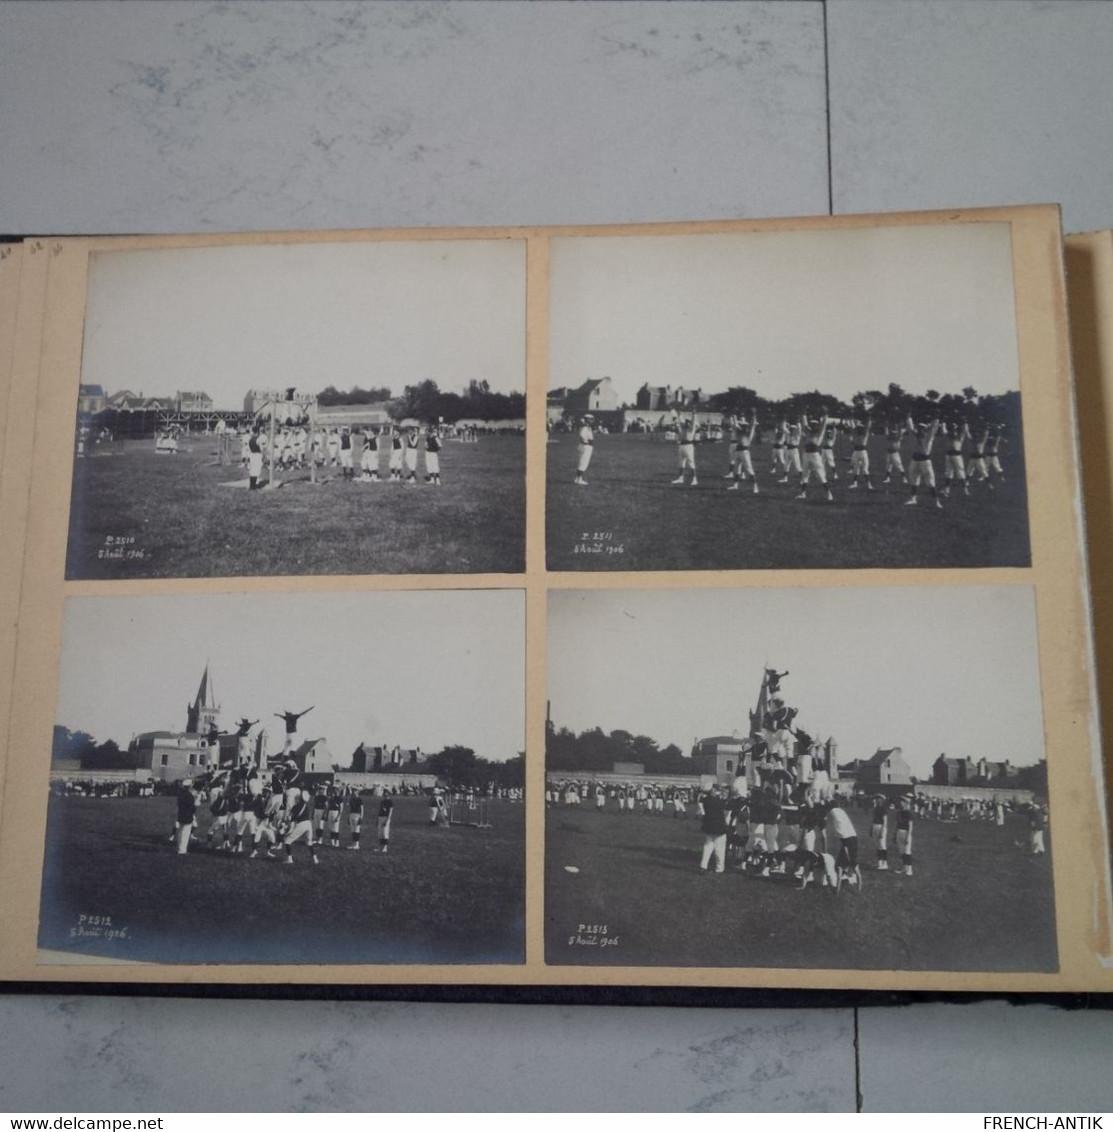 ALBUM PHOTO DE FAMILLE LE HAVRE MACHINE PECHEUR WATER POLO BALLON ET ACROBATE GYMNASTIQUE NU NOUVELLE CALEDONIE - Albums & Collections